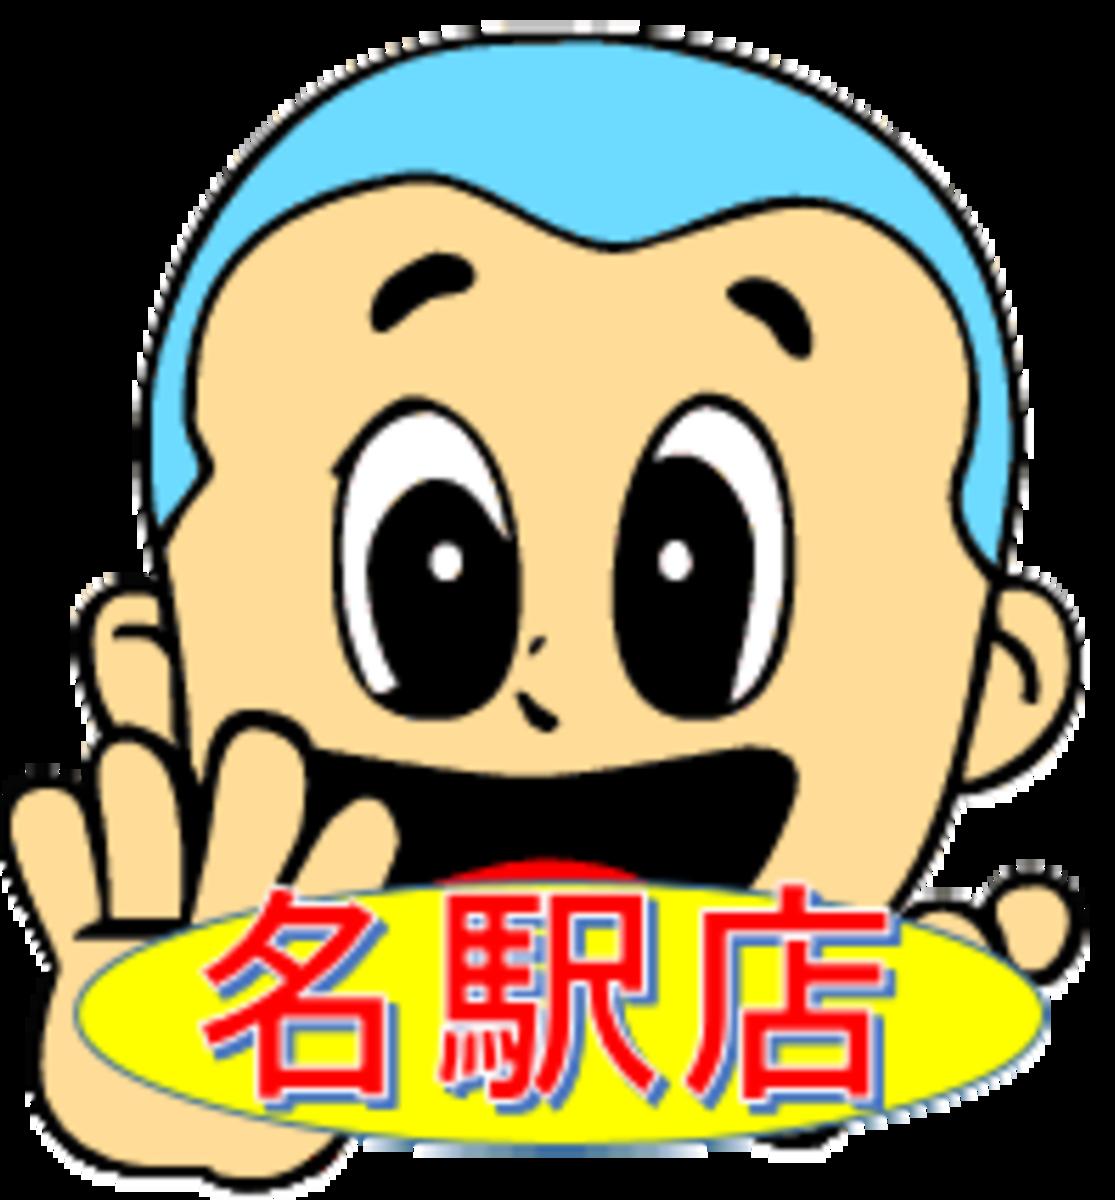 193名駅店☆遊戯王オータムカップ☆【9/30までの現制限】